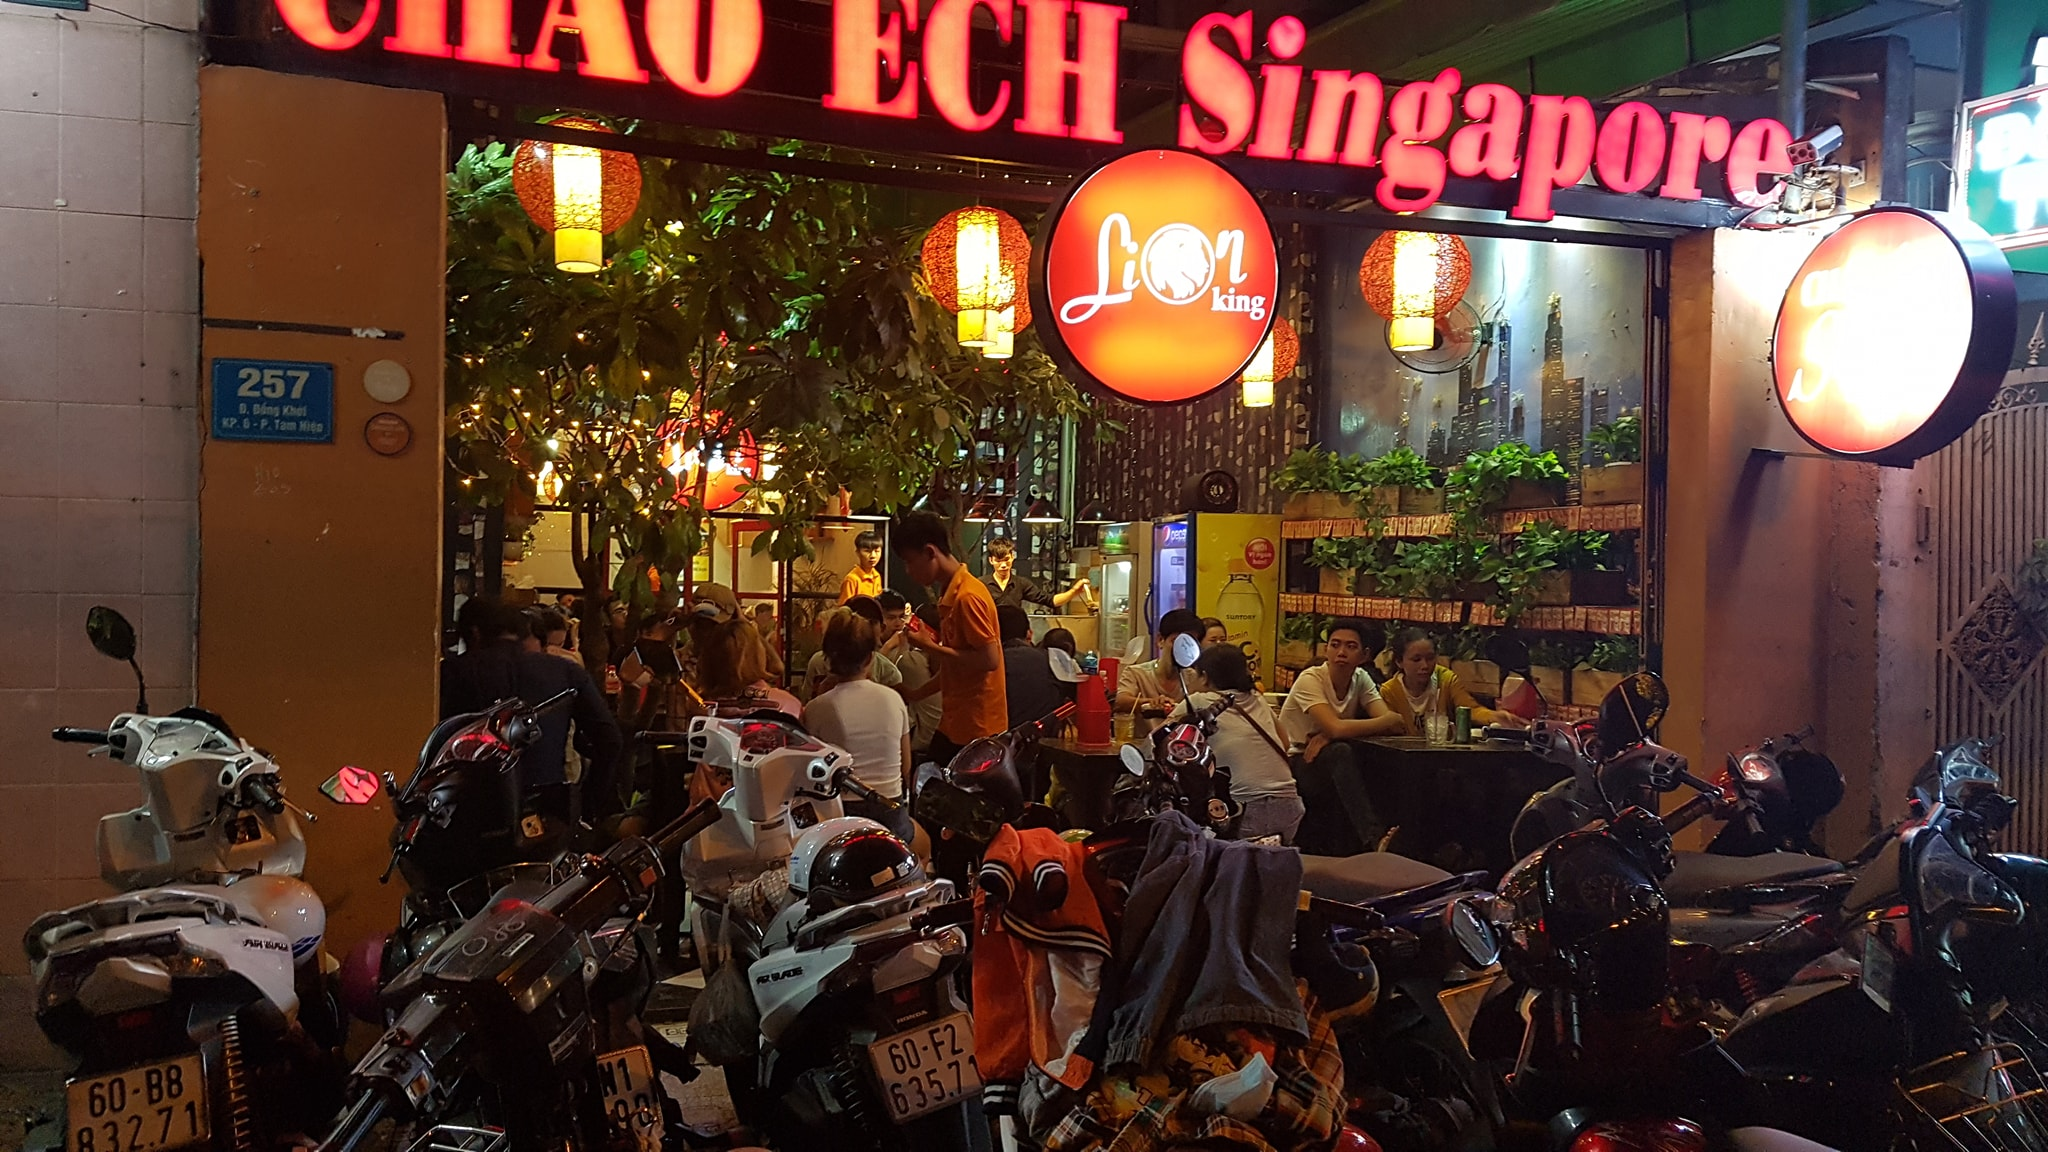 khong gian chao ech singapore